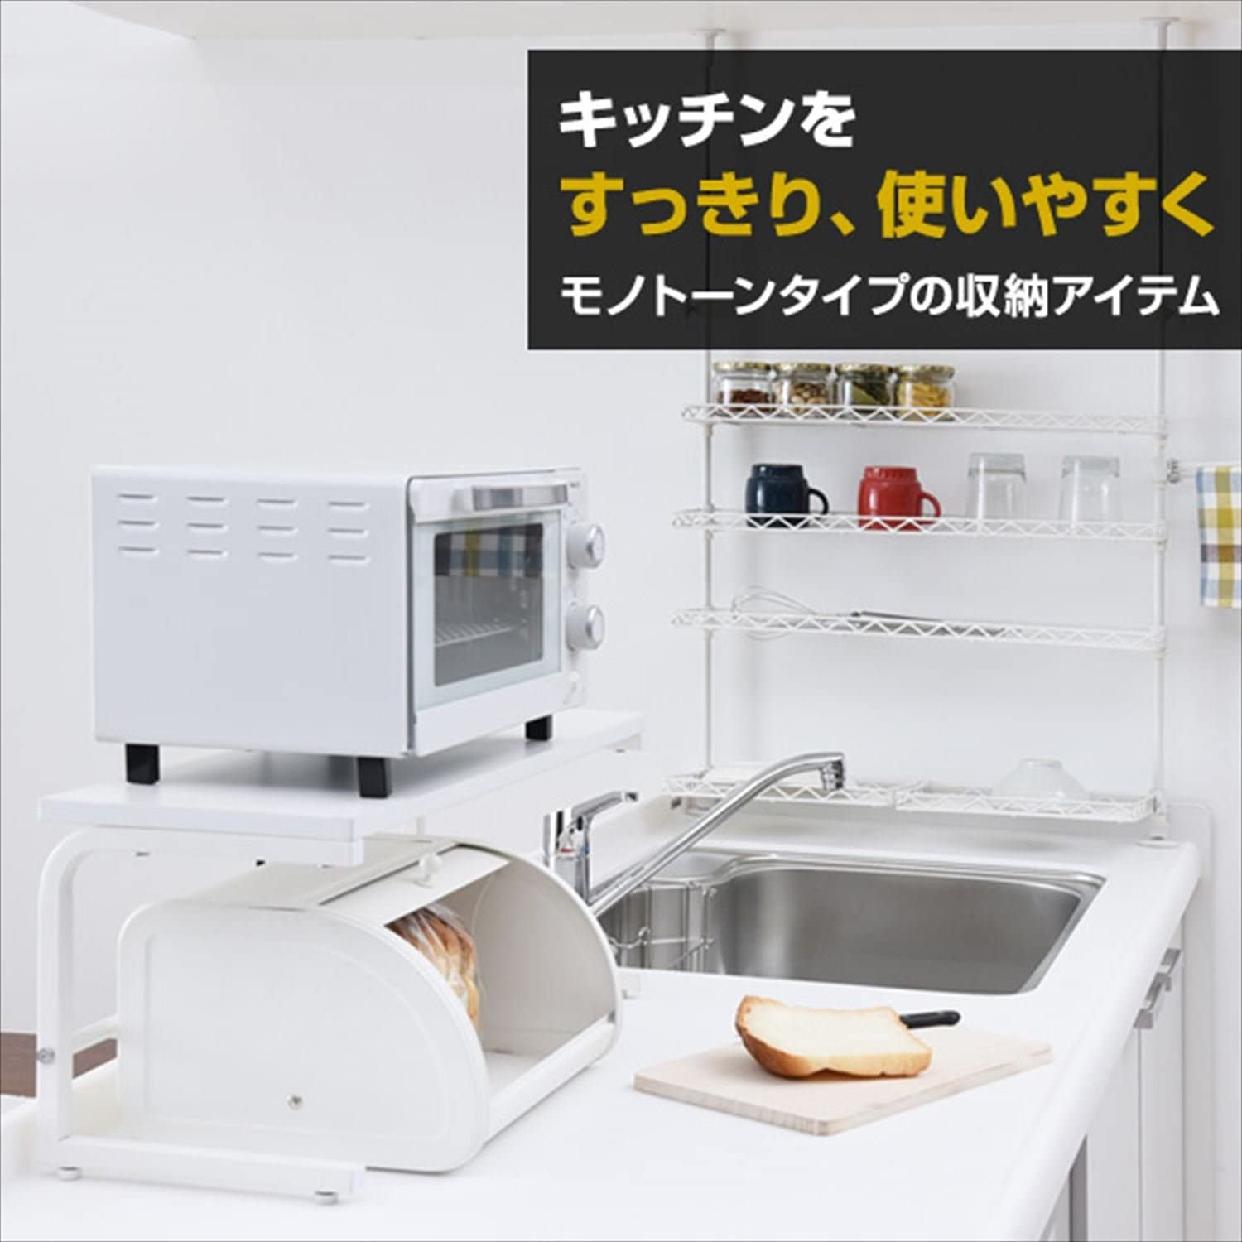 山善(YAMAZEN) ブレッドケース ブラック SBC-30の商品画像3